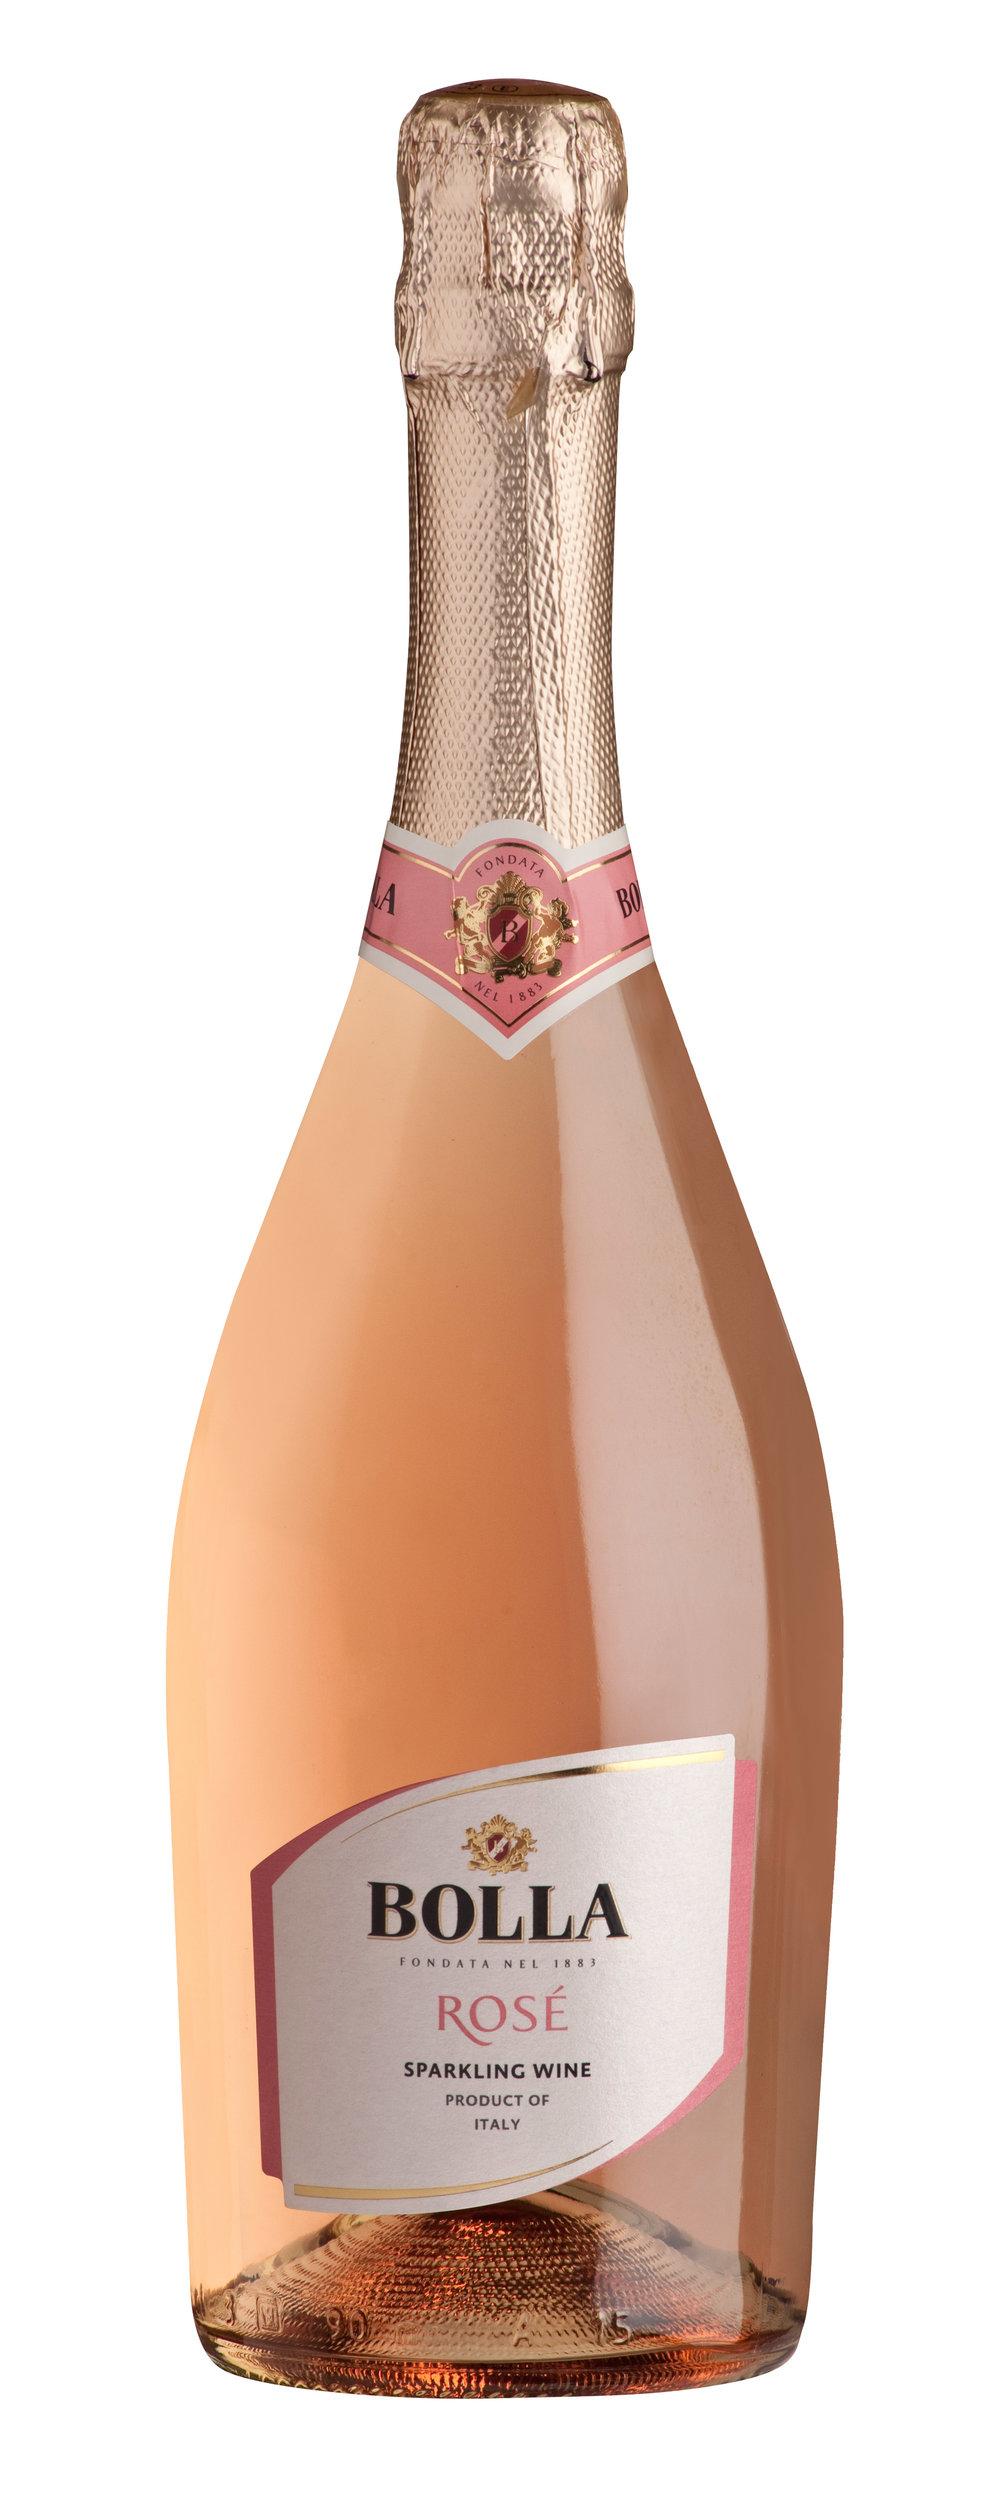 Bolla Rosé on The Gilded Bellini